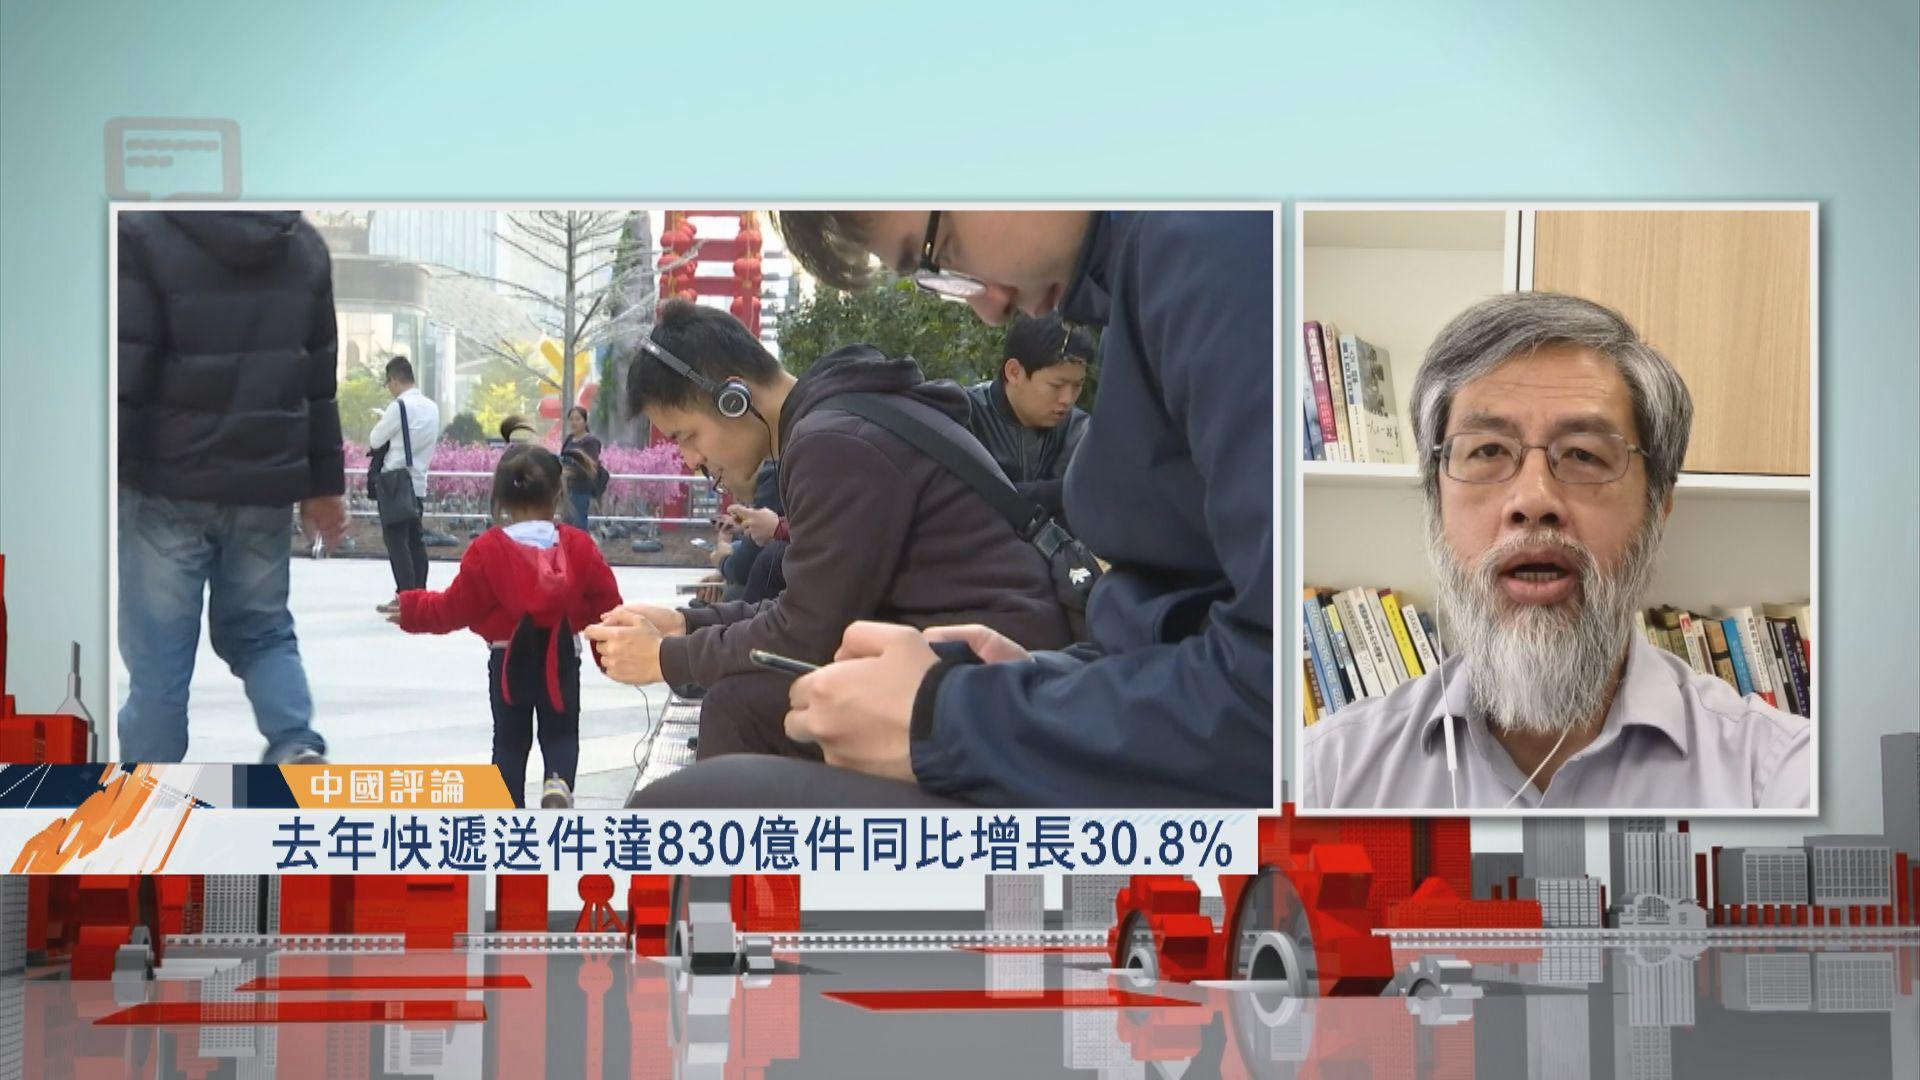 【中國評論】去年快遞送件達830億件/污水循環再用